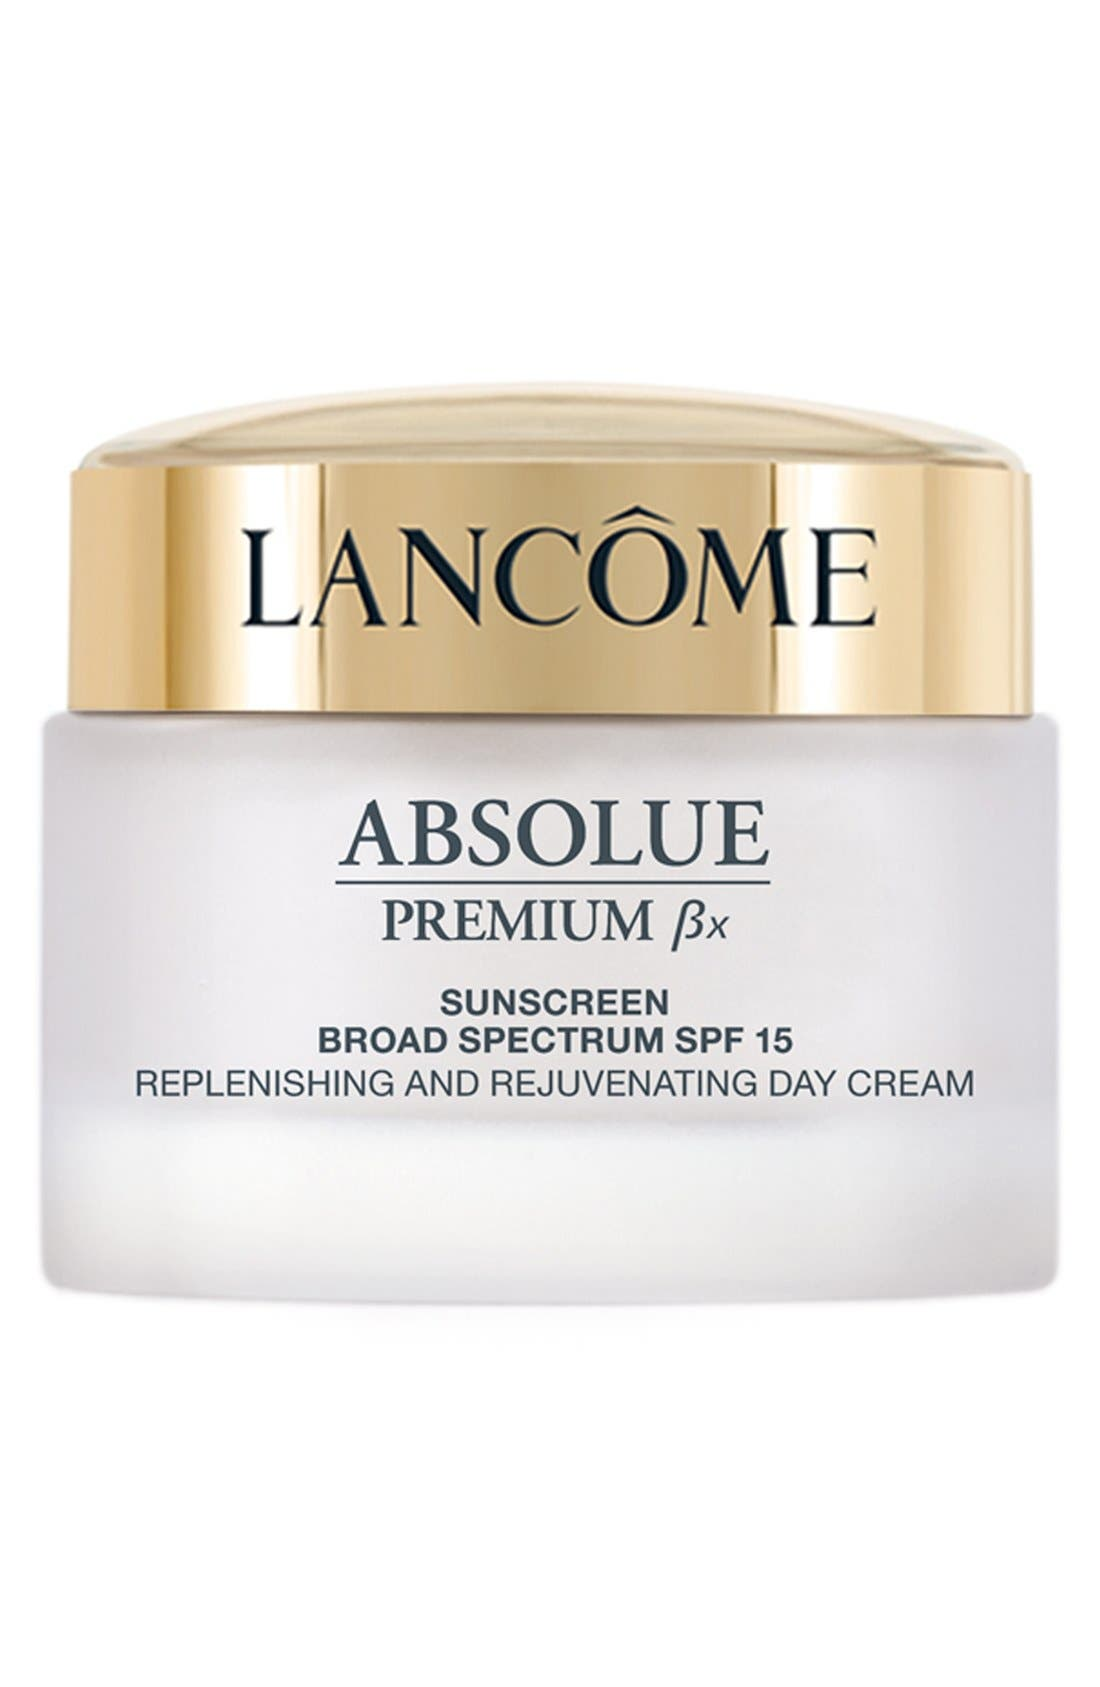 LANCÔME, Absolue Premium Bx SPF 15 Moisturizer Cream, Main thumbnail 1, color, NO COLOR